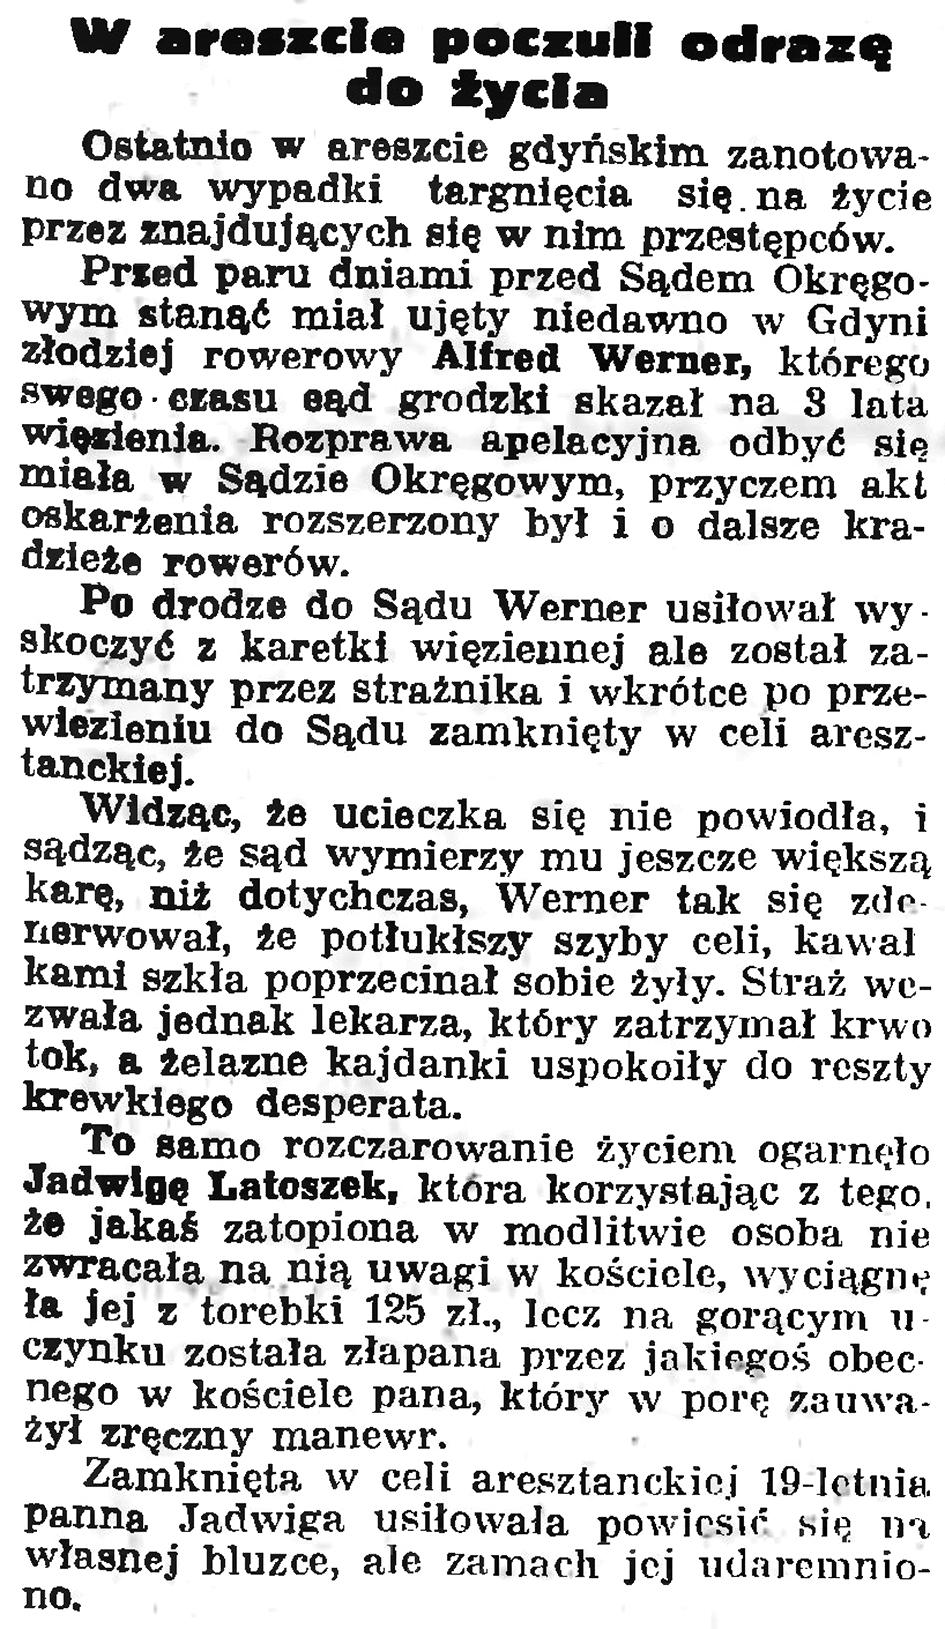 W areszcie poczuli odrazę do życia // Gazeta Gdańska. - 1935, nr 127, s. 2